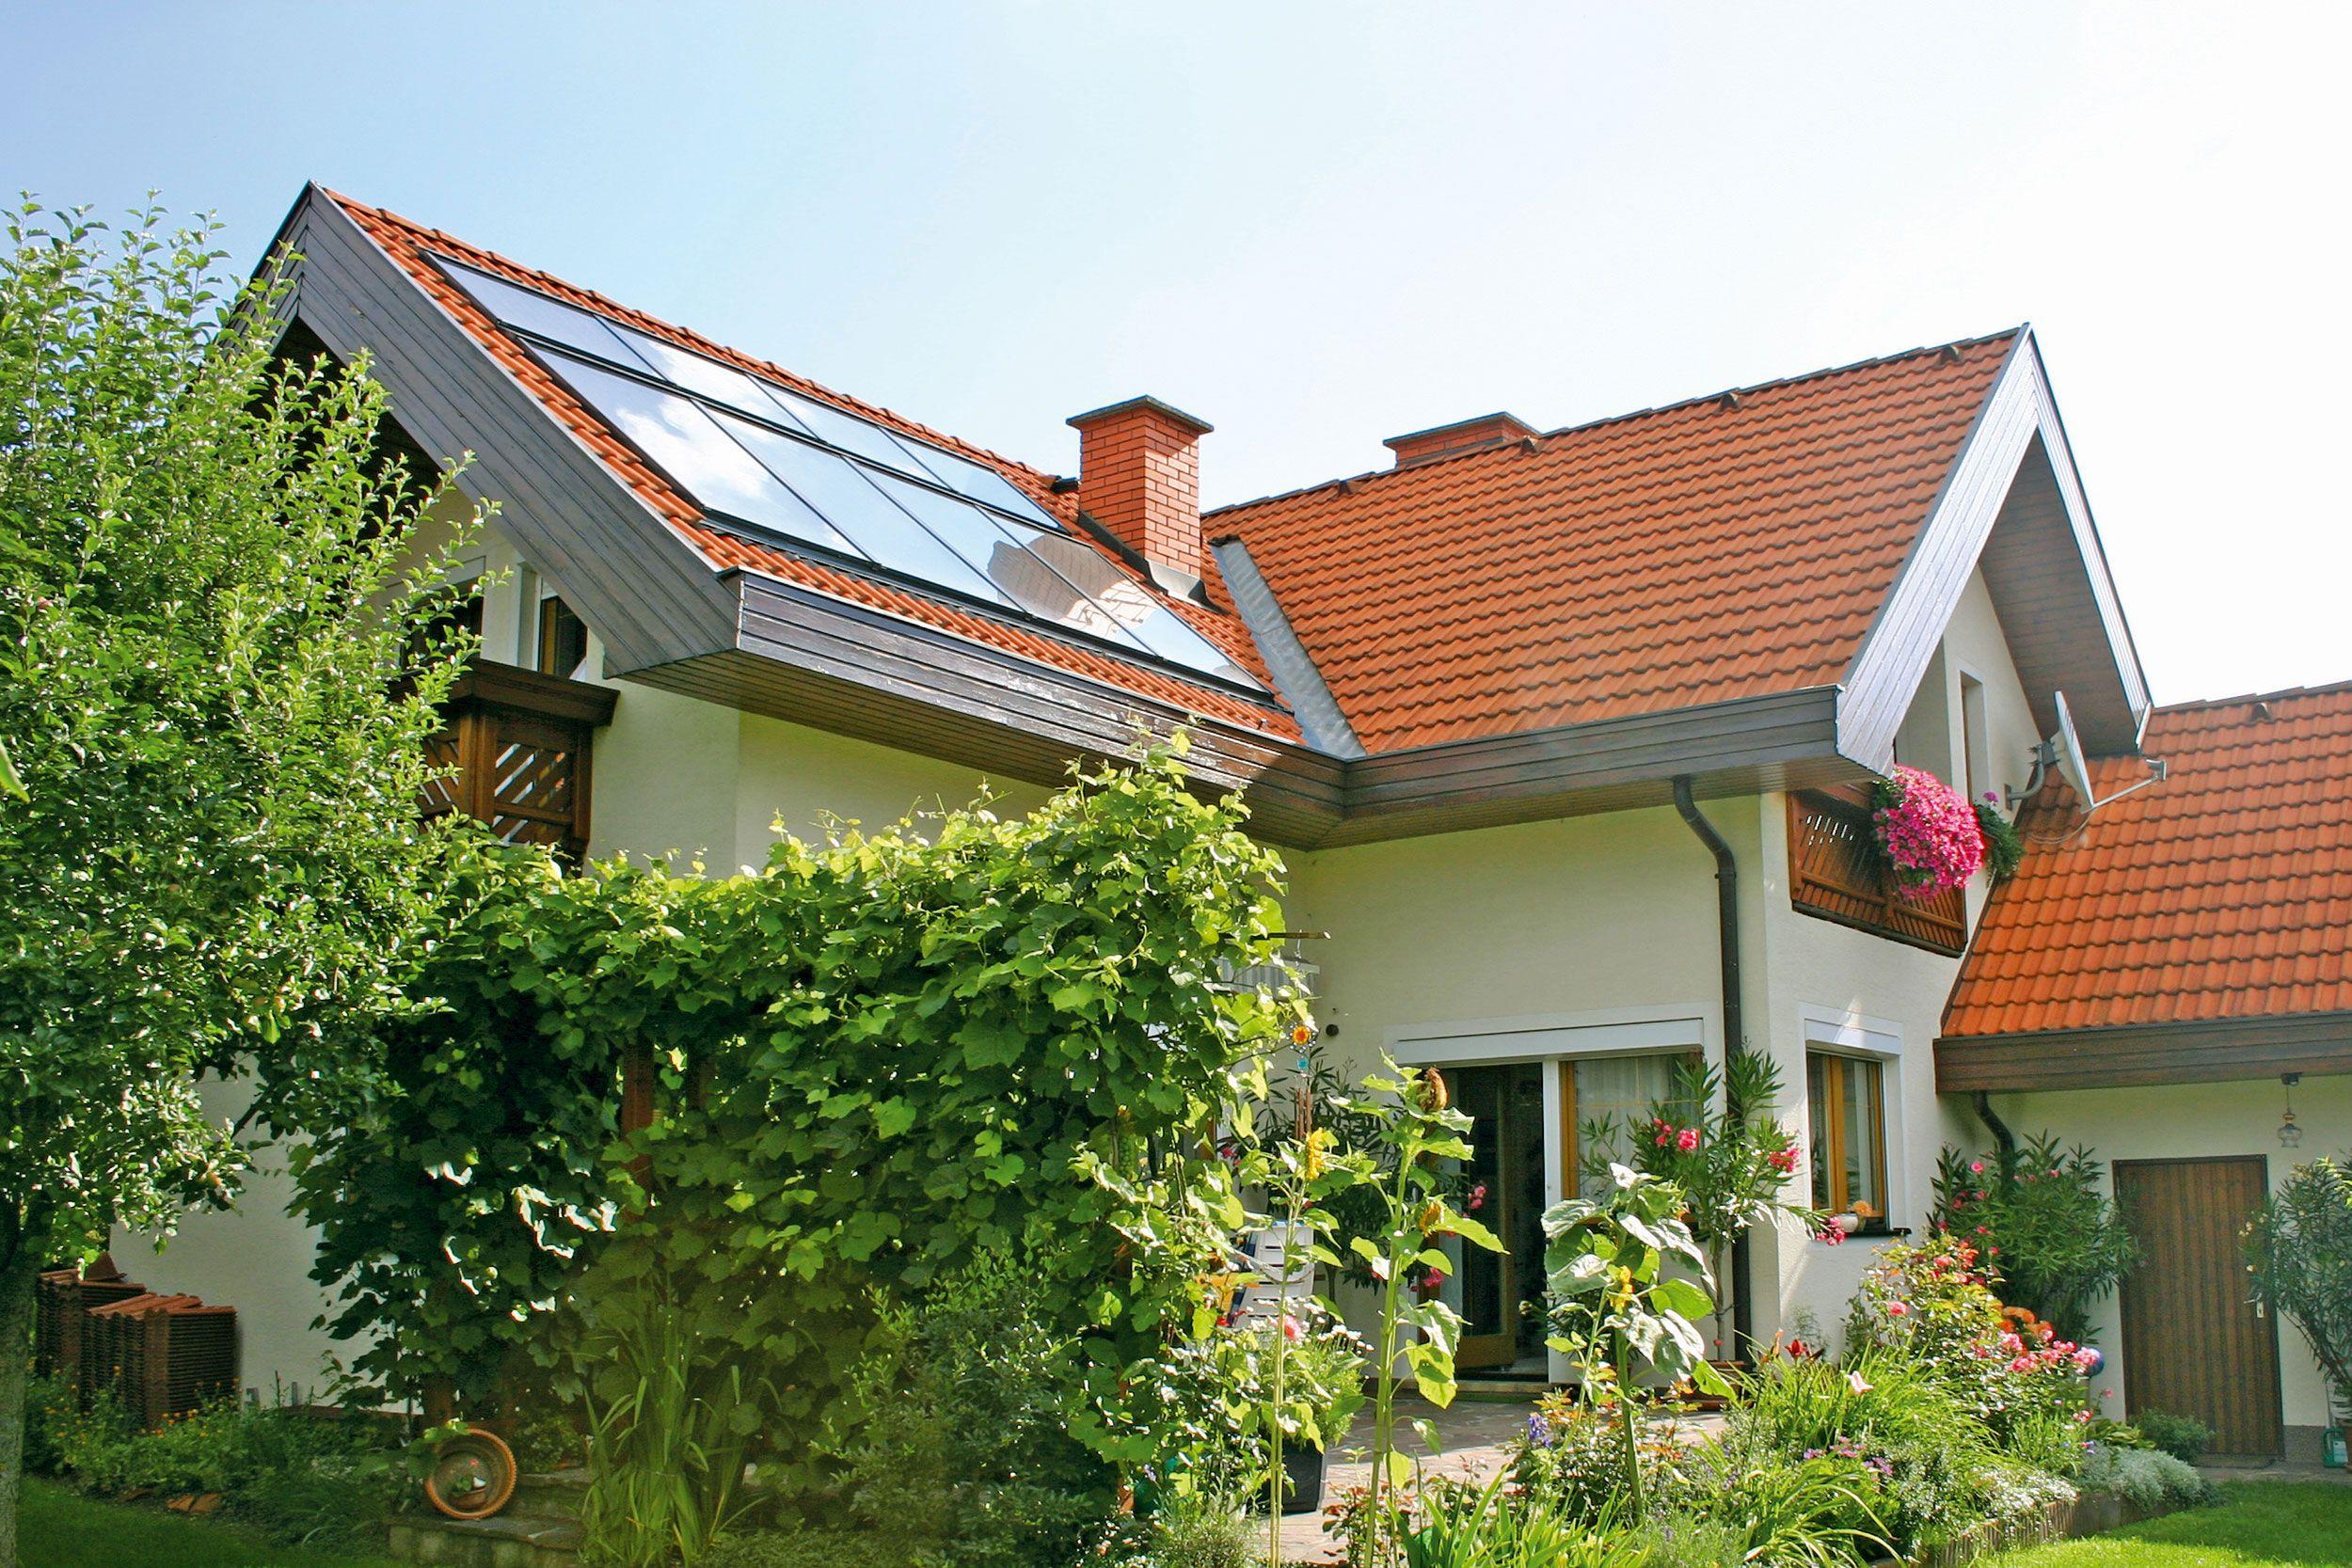 Charming Bei Alt  Und Neubauten Gehört Die Zukunft Einer Kombination Aus Effizienter  Wärmedämmung Mit Wärmeversorgung Aus Erneuerbaren Energien.